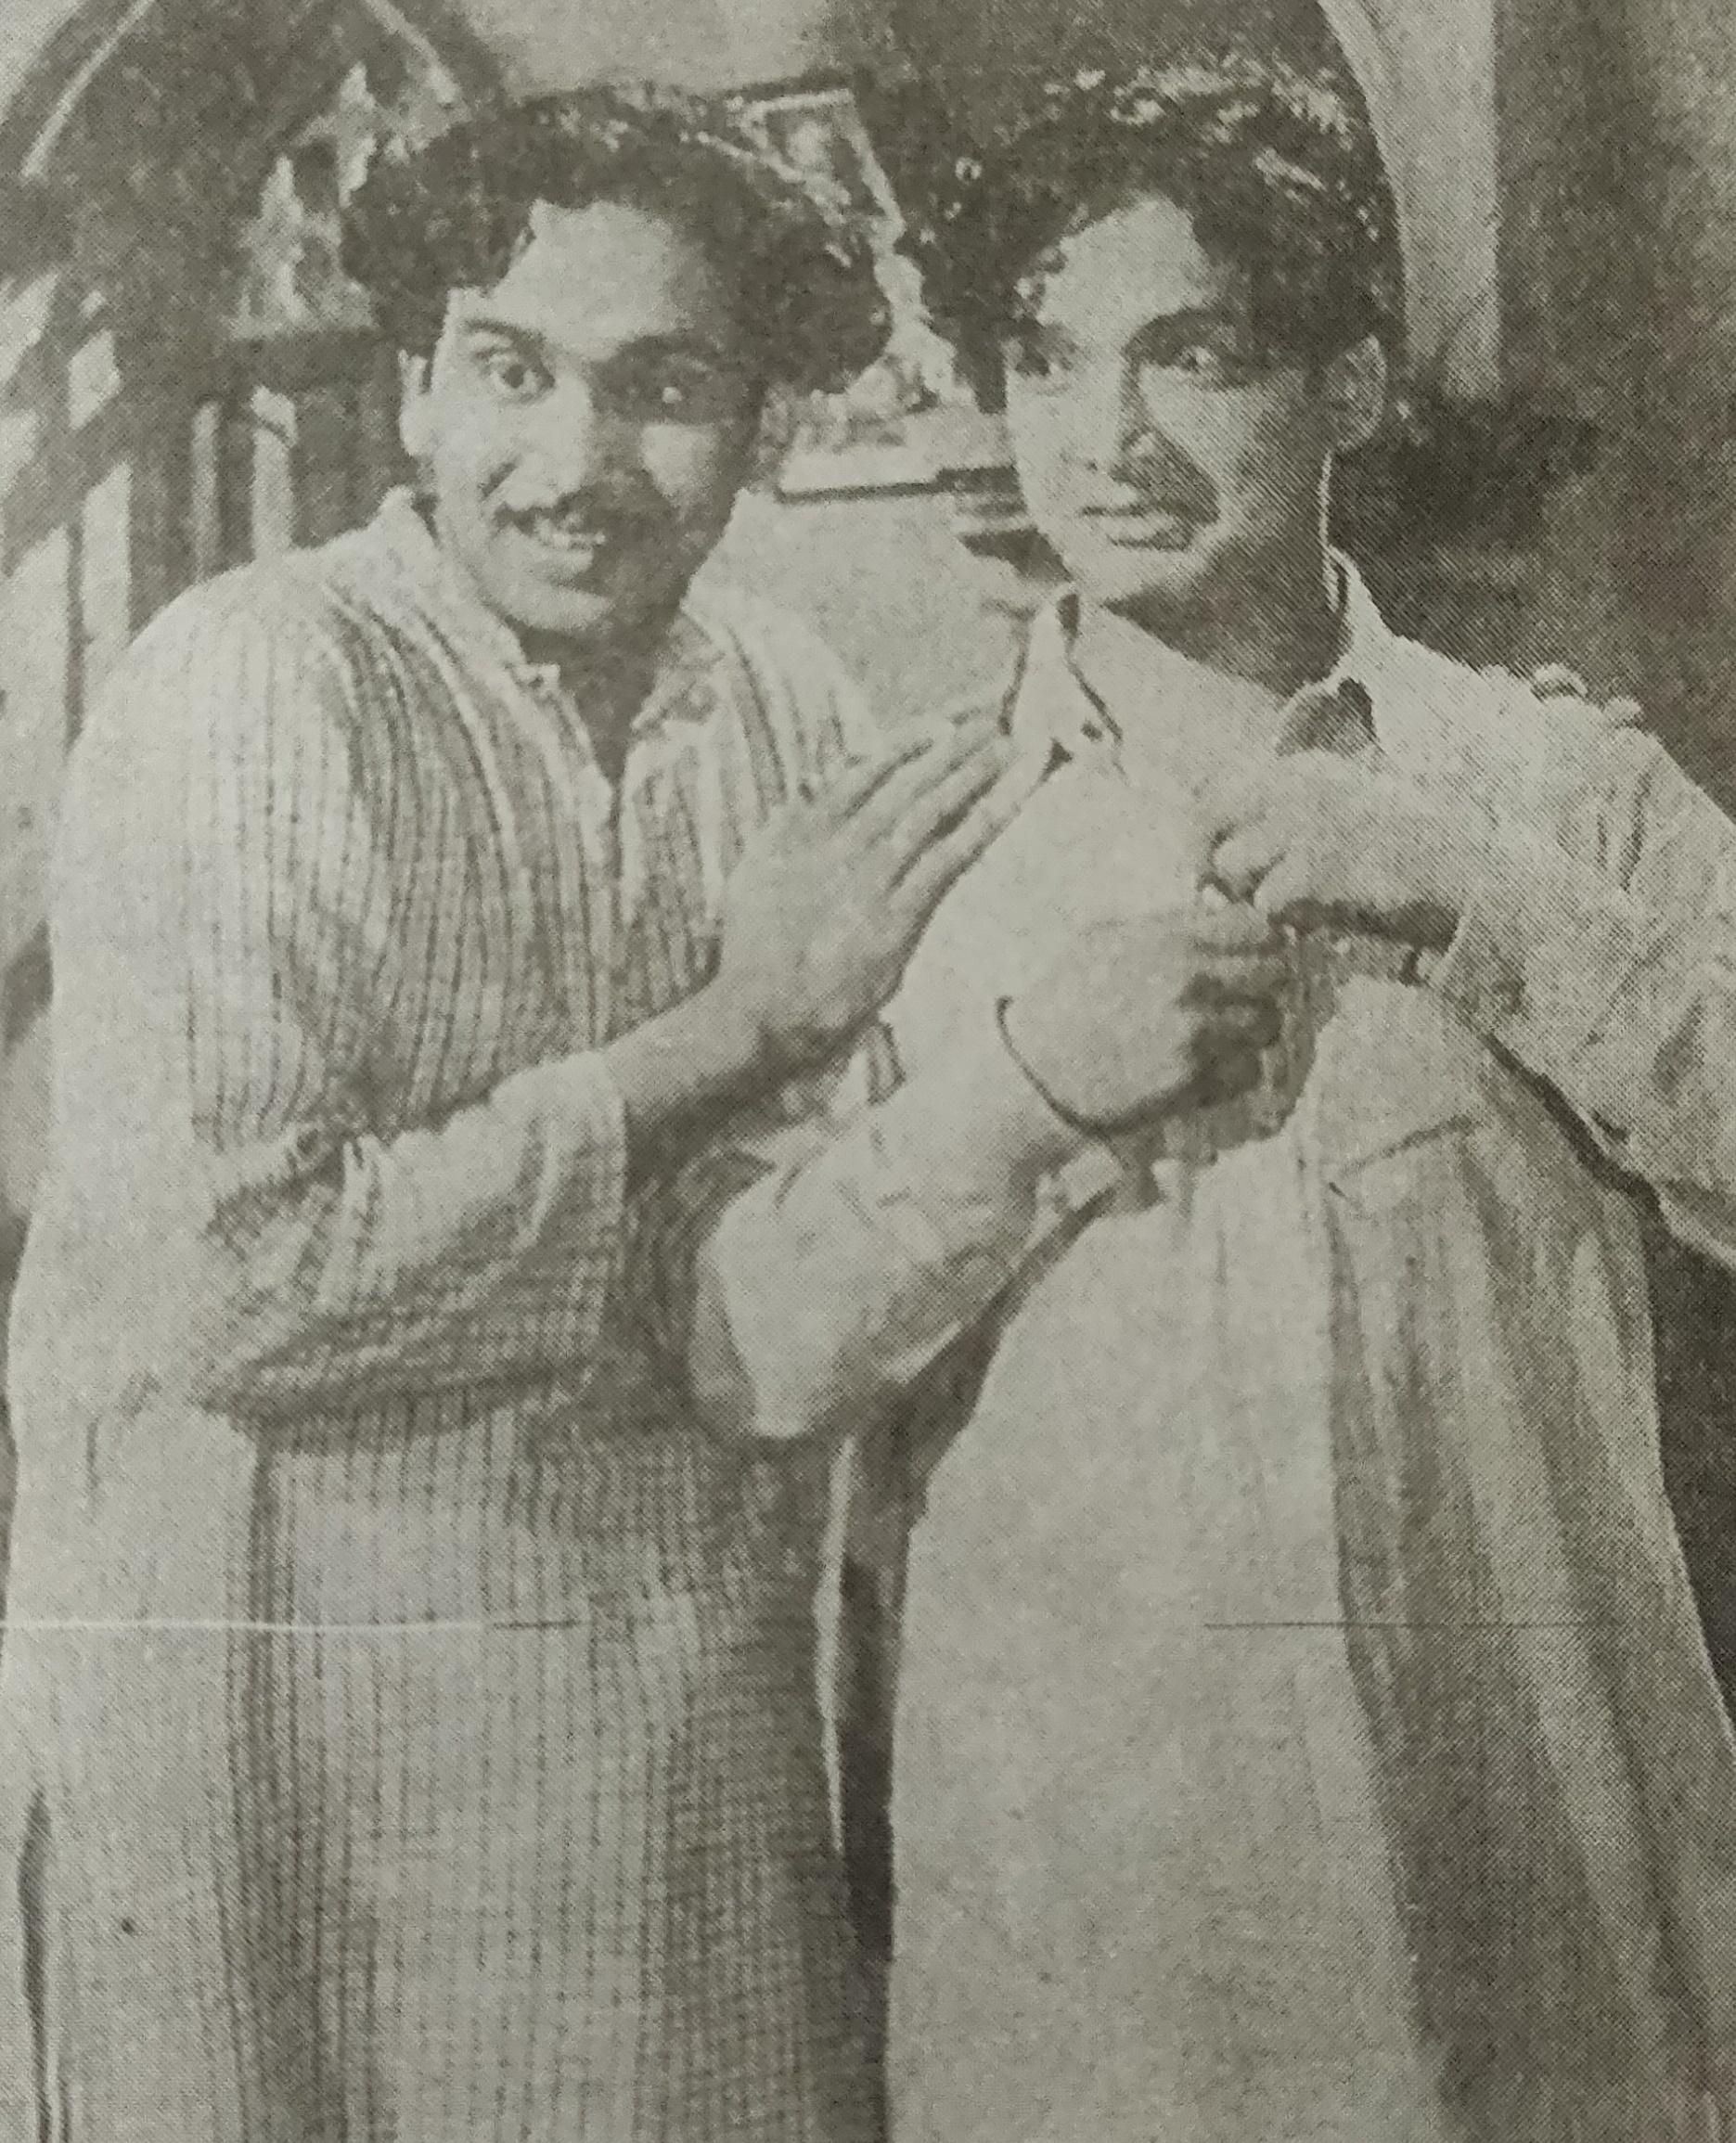 Kanna Talli (1953): Reminiscence of Telugu Cinema #TeluguCinemaHistory